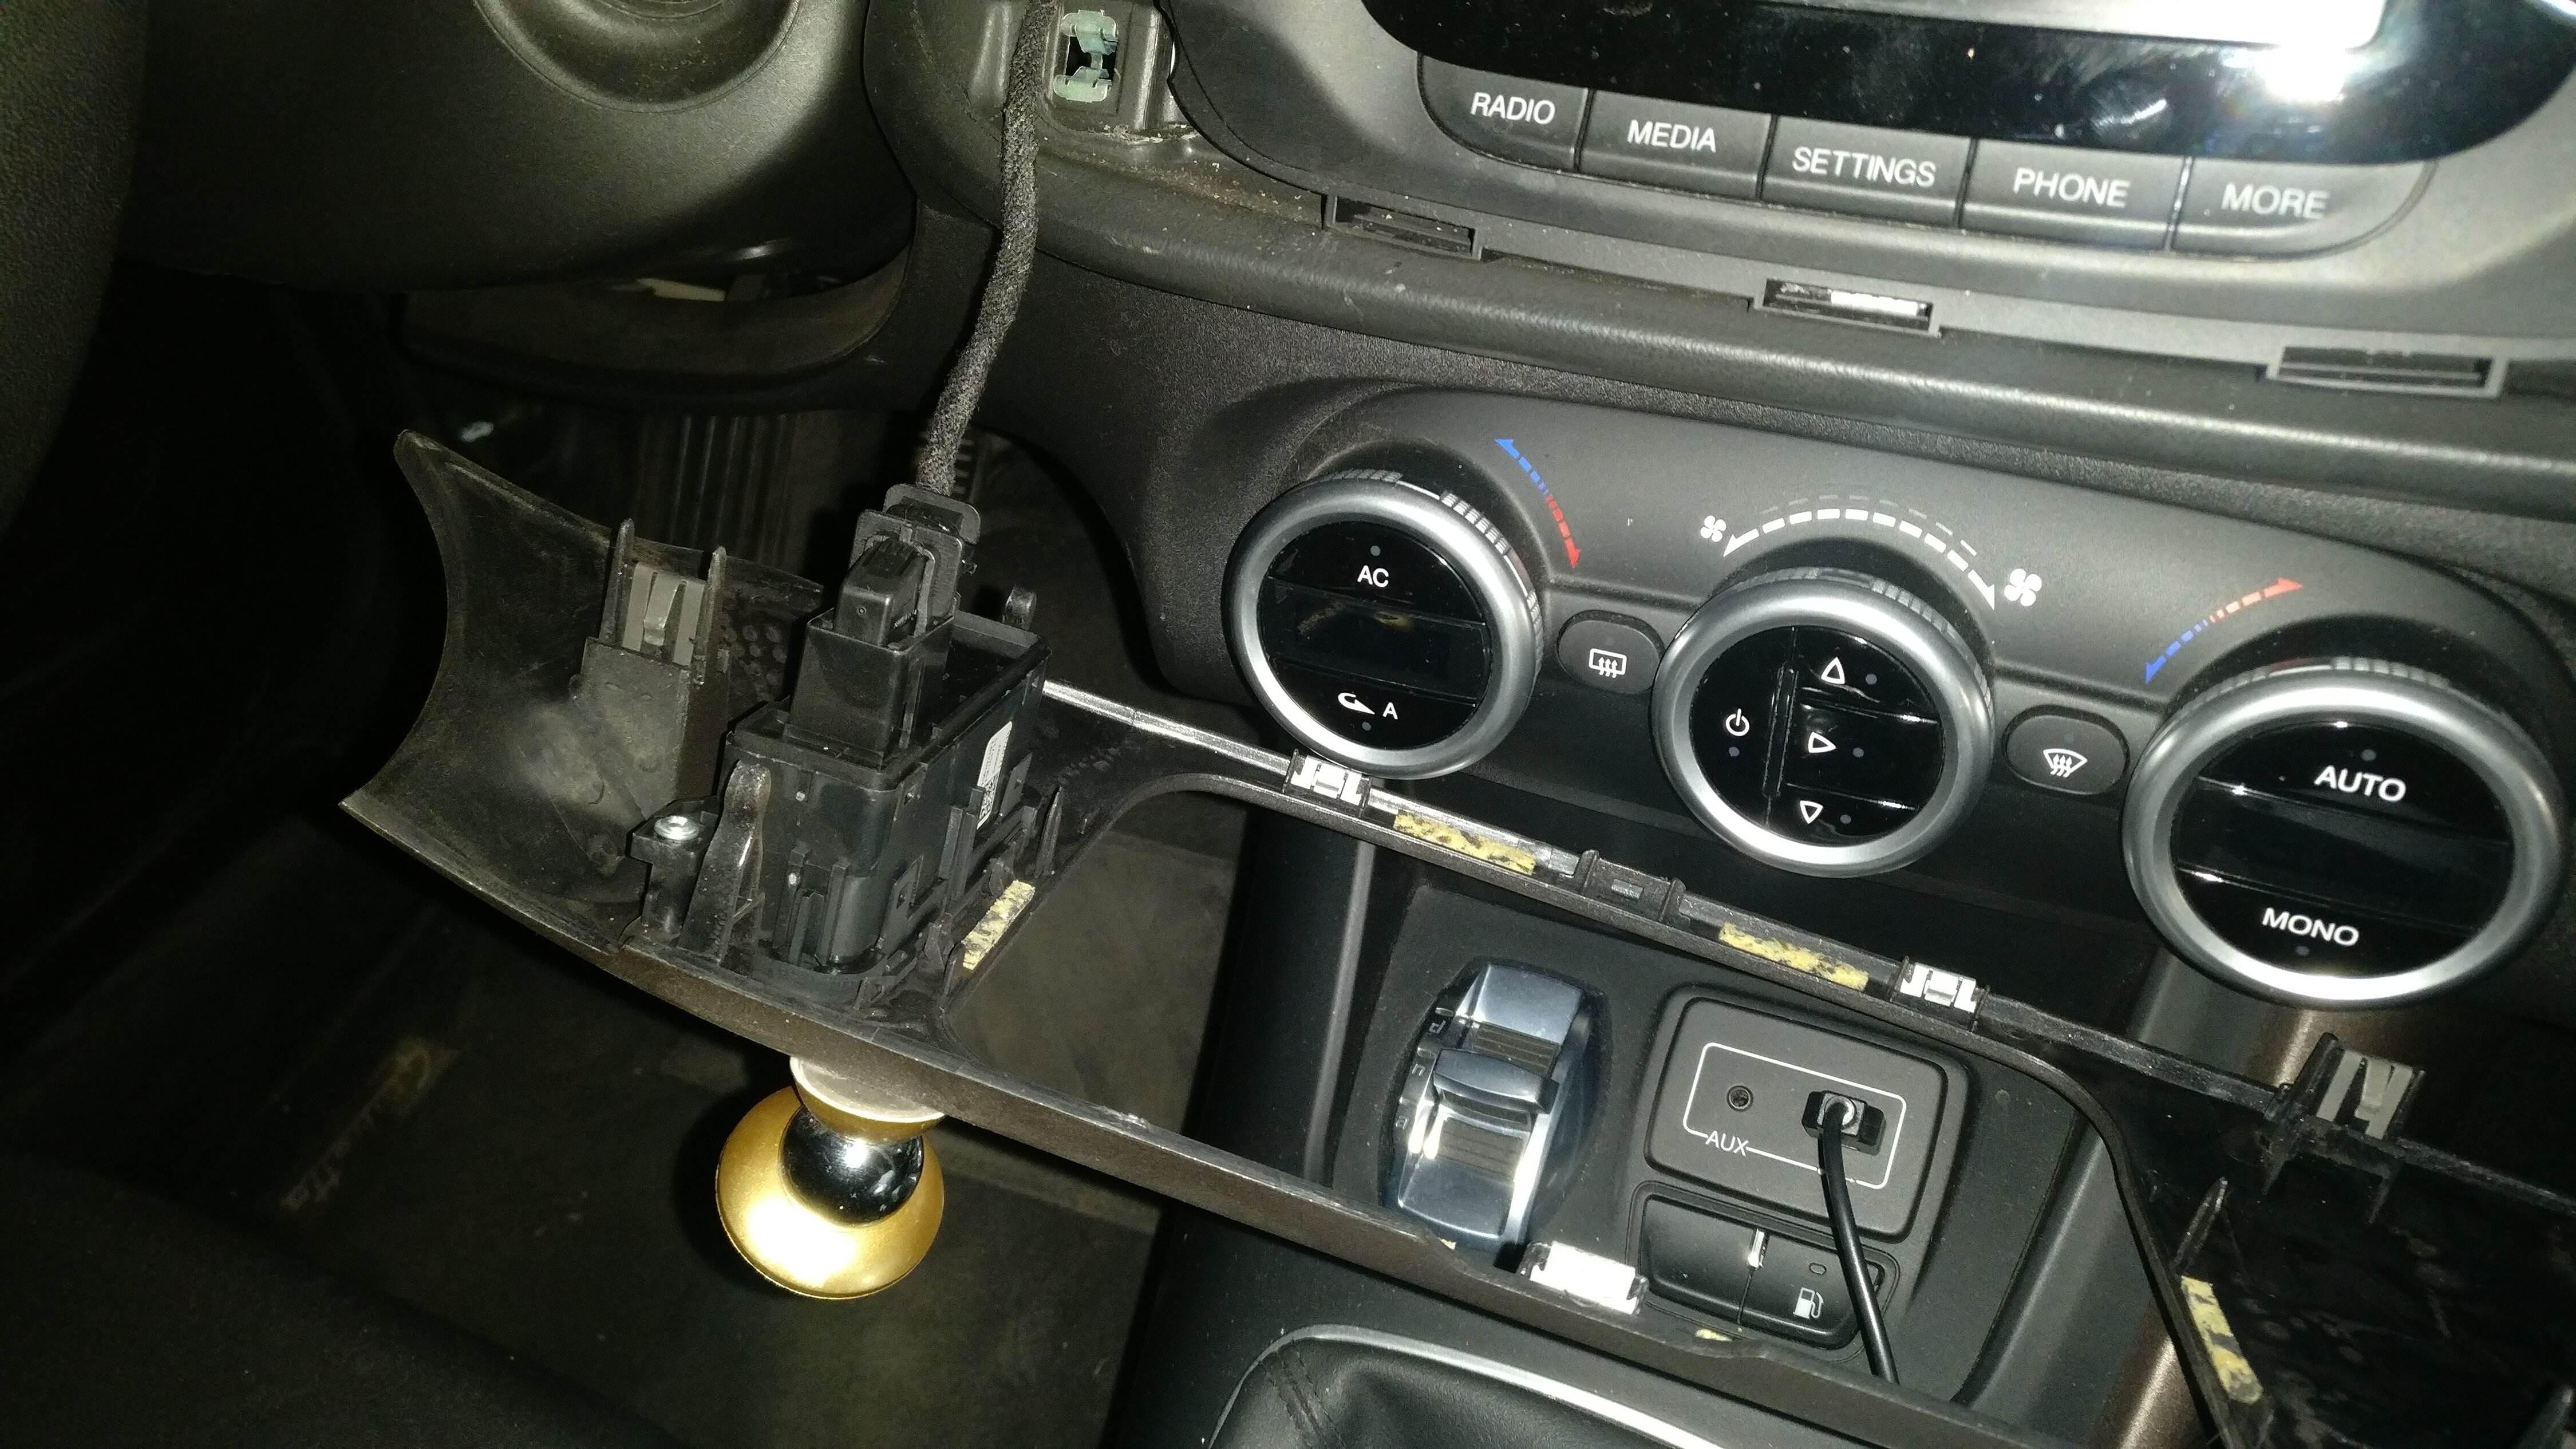 foto [DIY] Installazione autoradio 2DIN - CON FOTO - 4